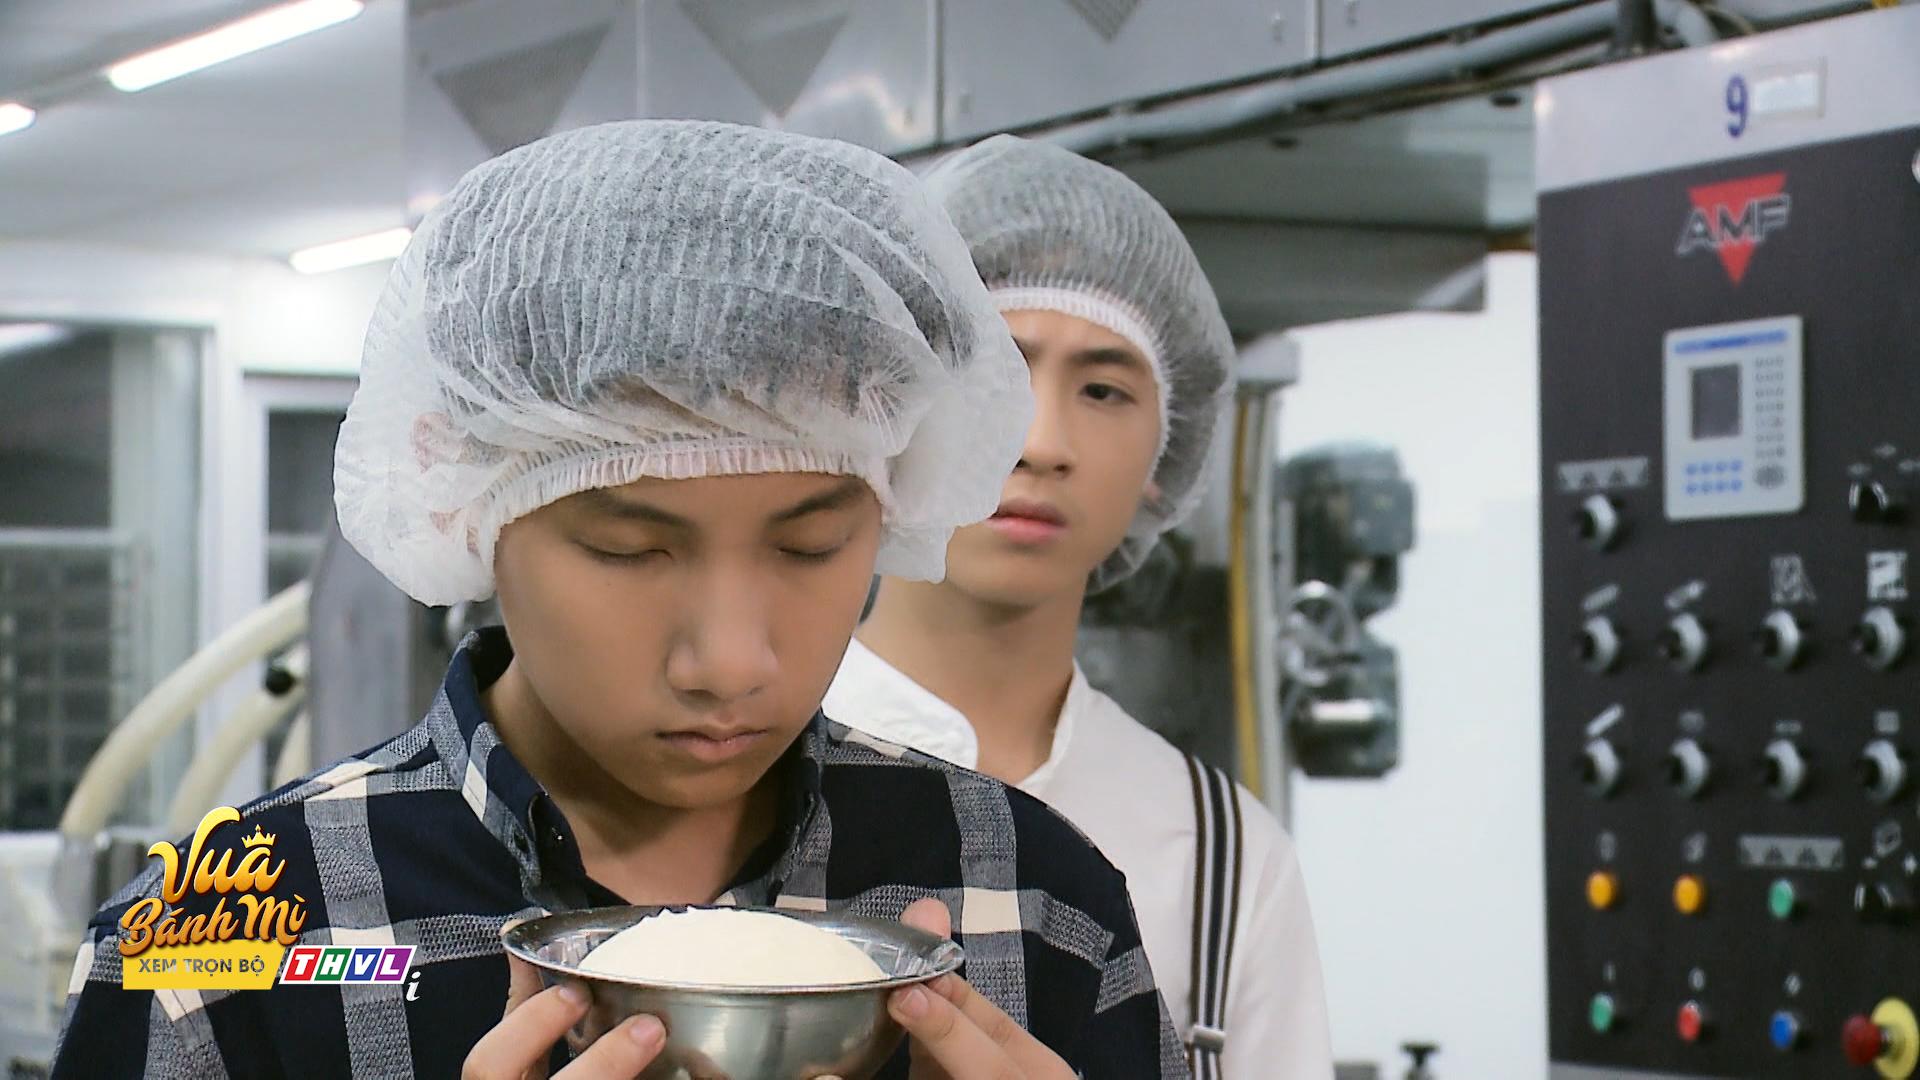 'Vua bánh mì' tập 8: Đúng là 'cha nào con nấy', con trai Cao Minh Đạt cũng sở hữu tài nghệ làm bánh từ cha 7